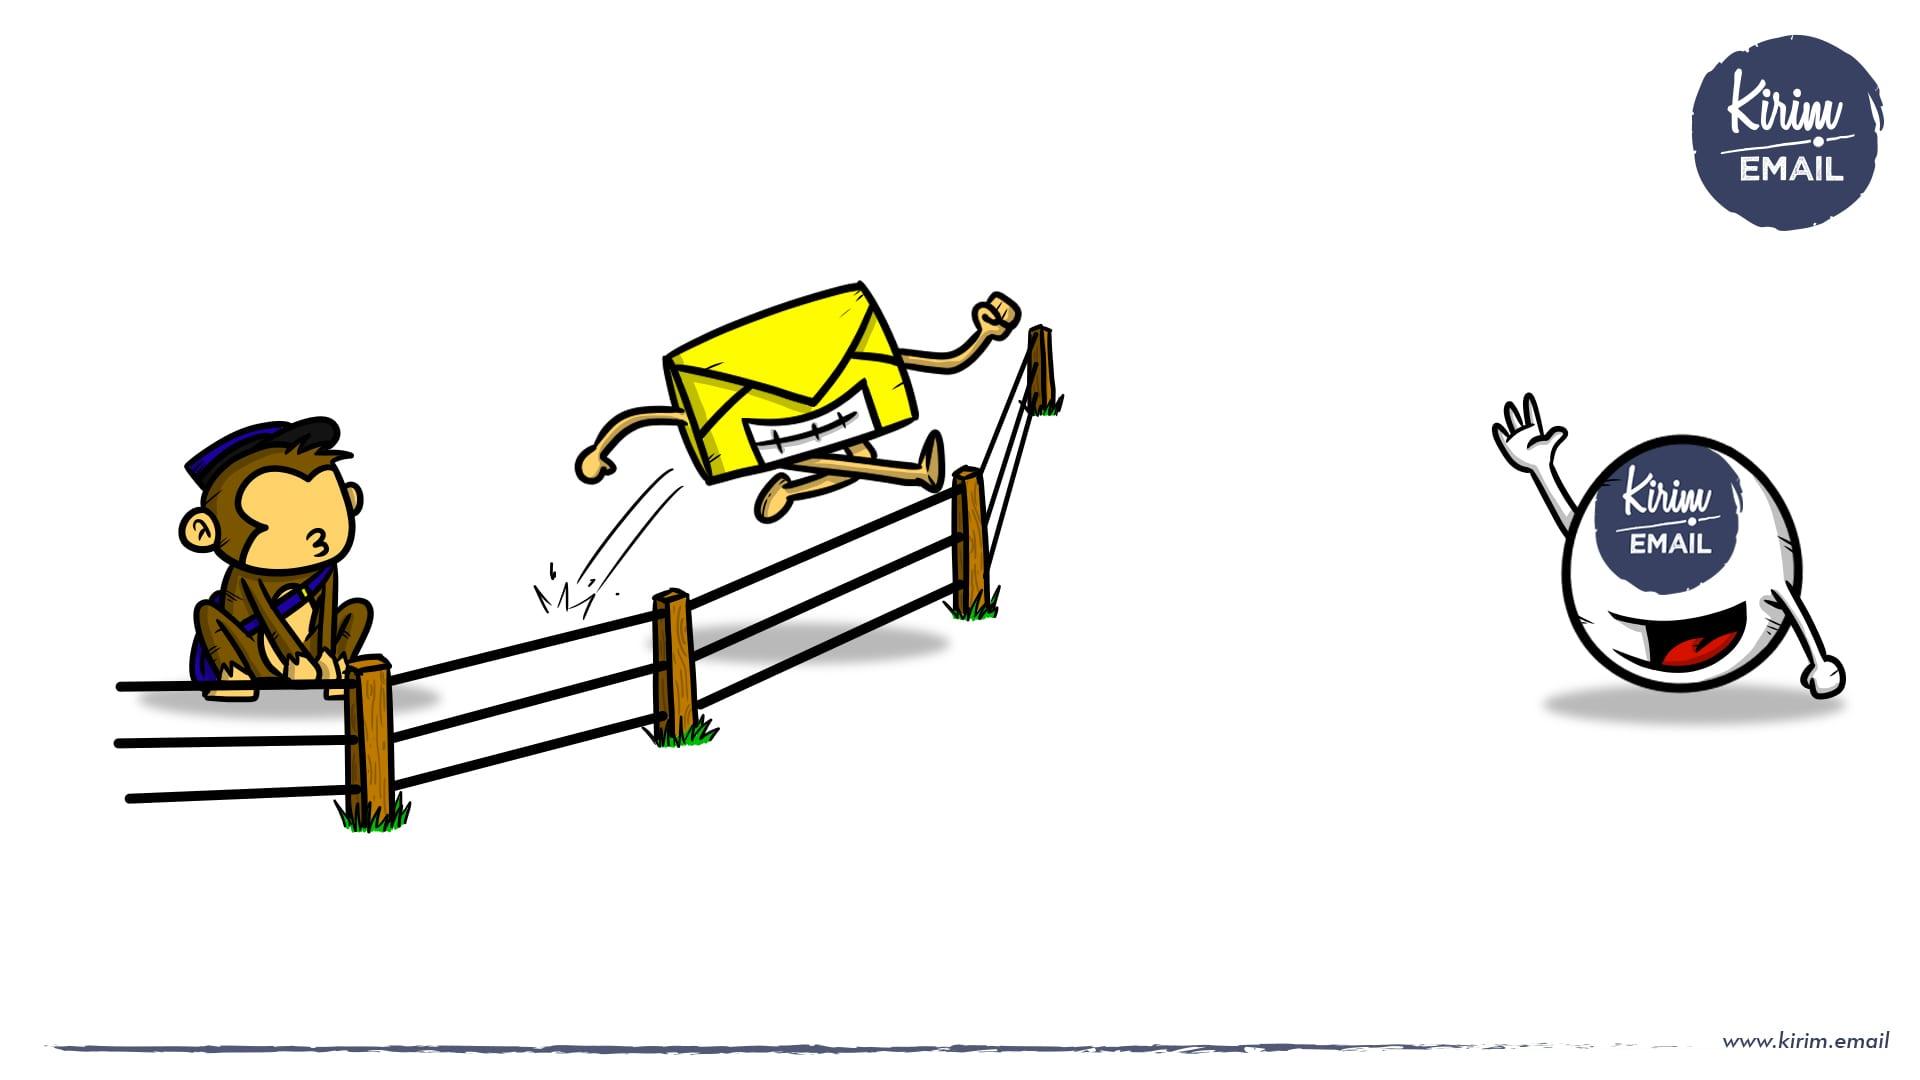 Perbandingan KIRIM.EMAIL vs Mailchimp - 4